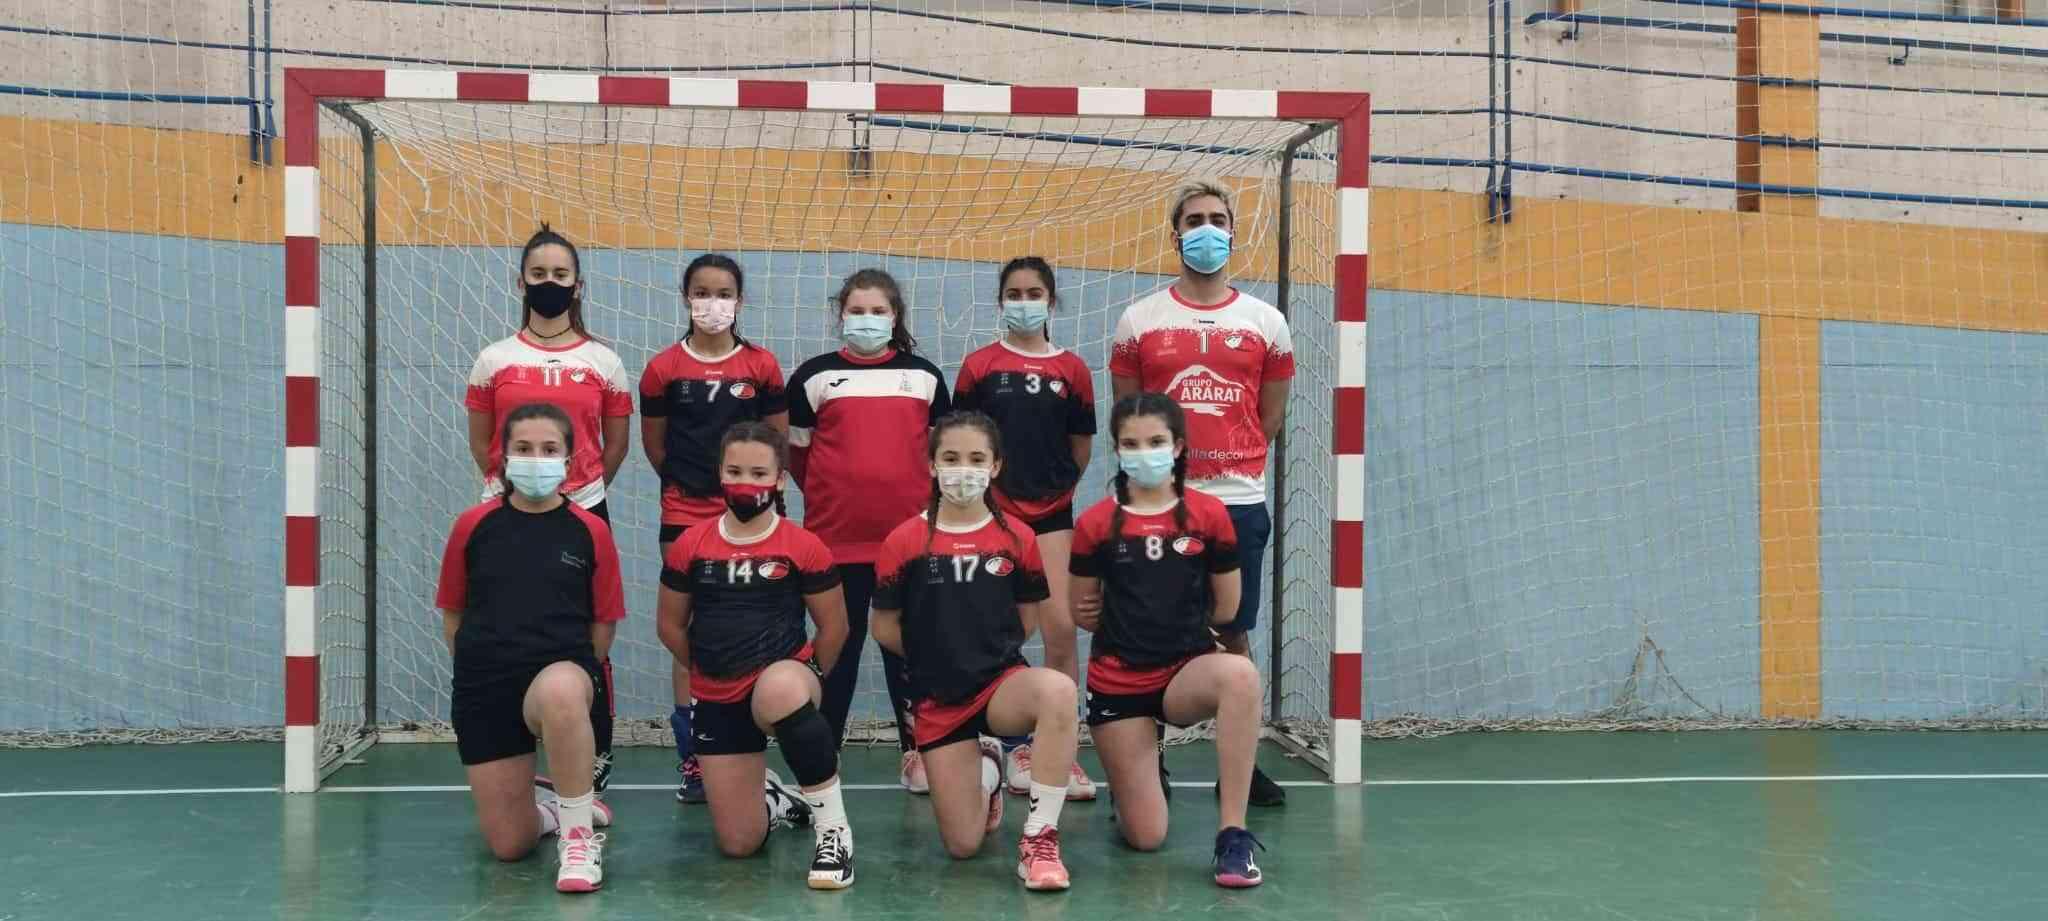 Balonmano en la semana del deporte escolar en Herencia 6